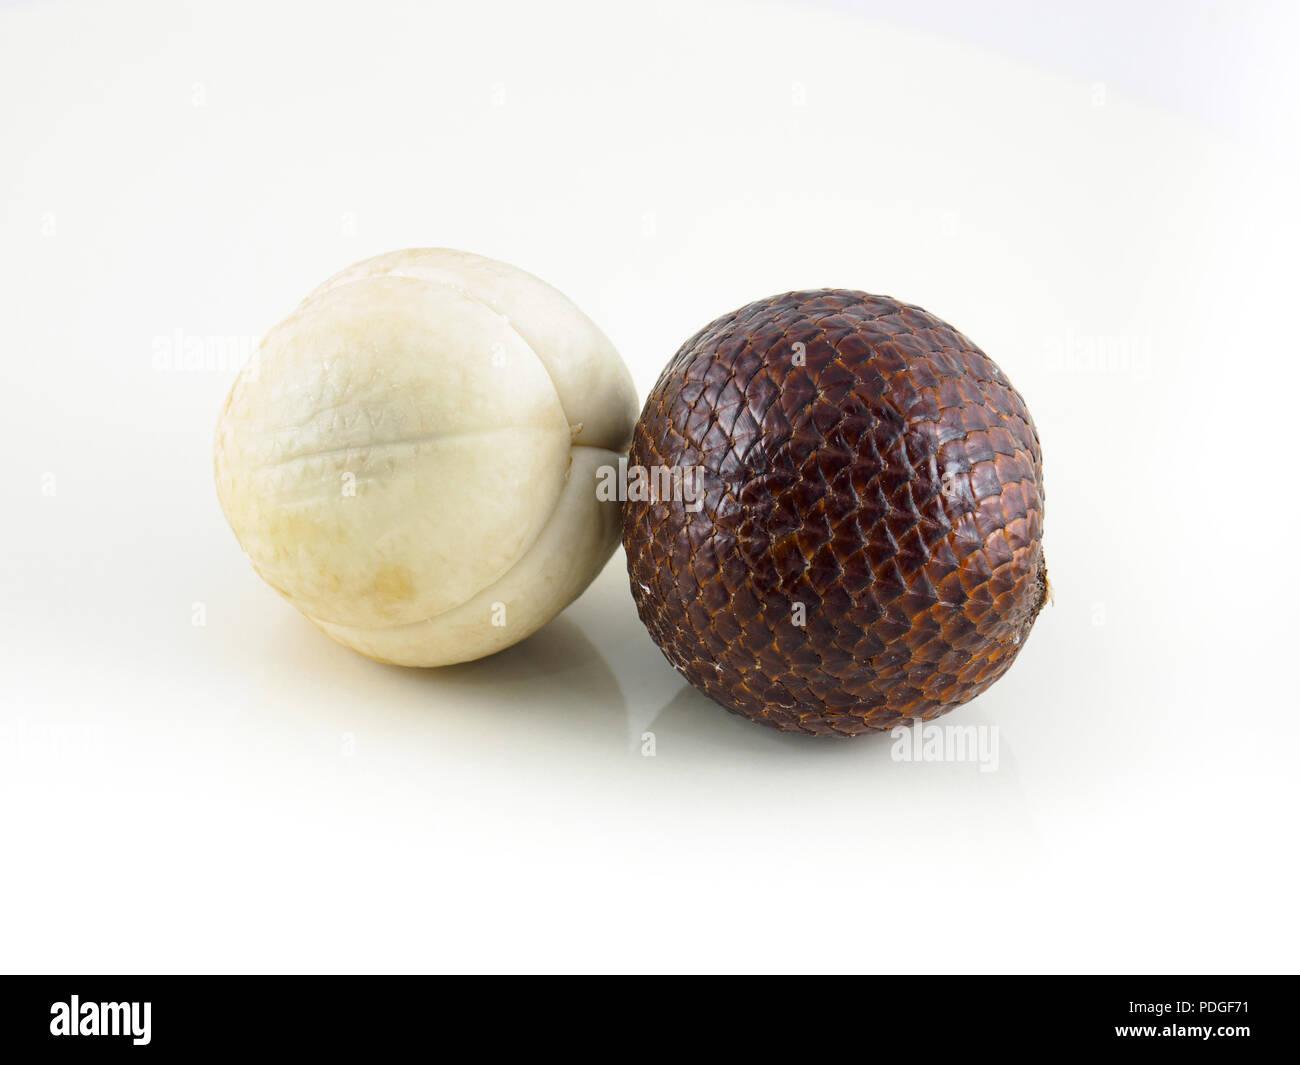 Indonesian salak fruit or snake fruit isolated on white background - Stock Image